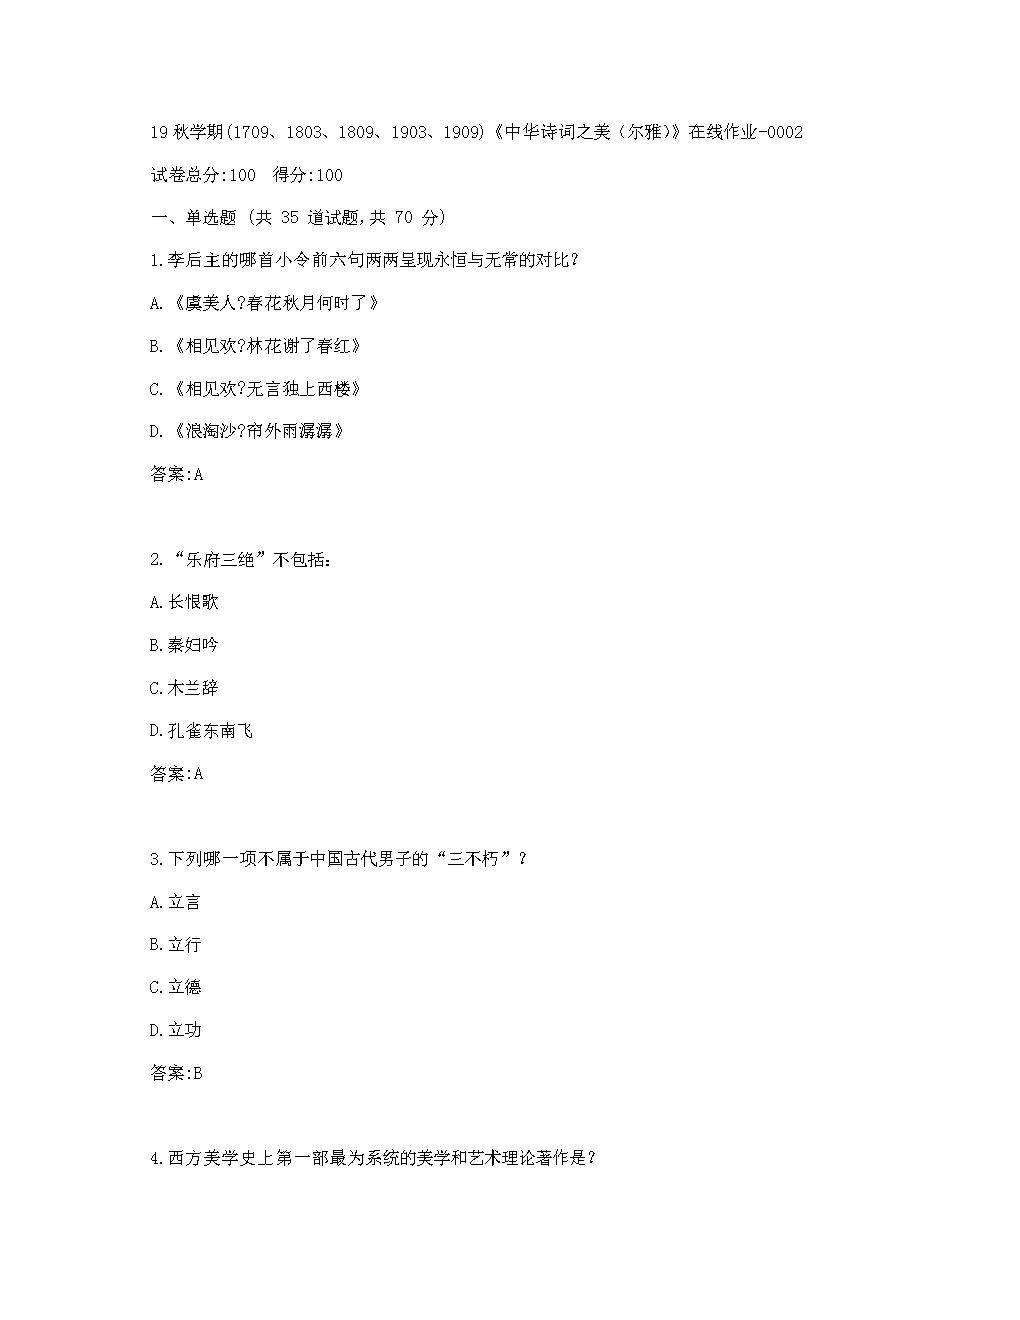 南开19秋学期(1709、1803、1809、1903、1909)《中华诗词之美(尔雅)》在线作业答卷.docx